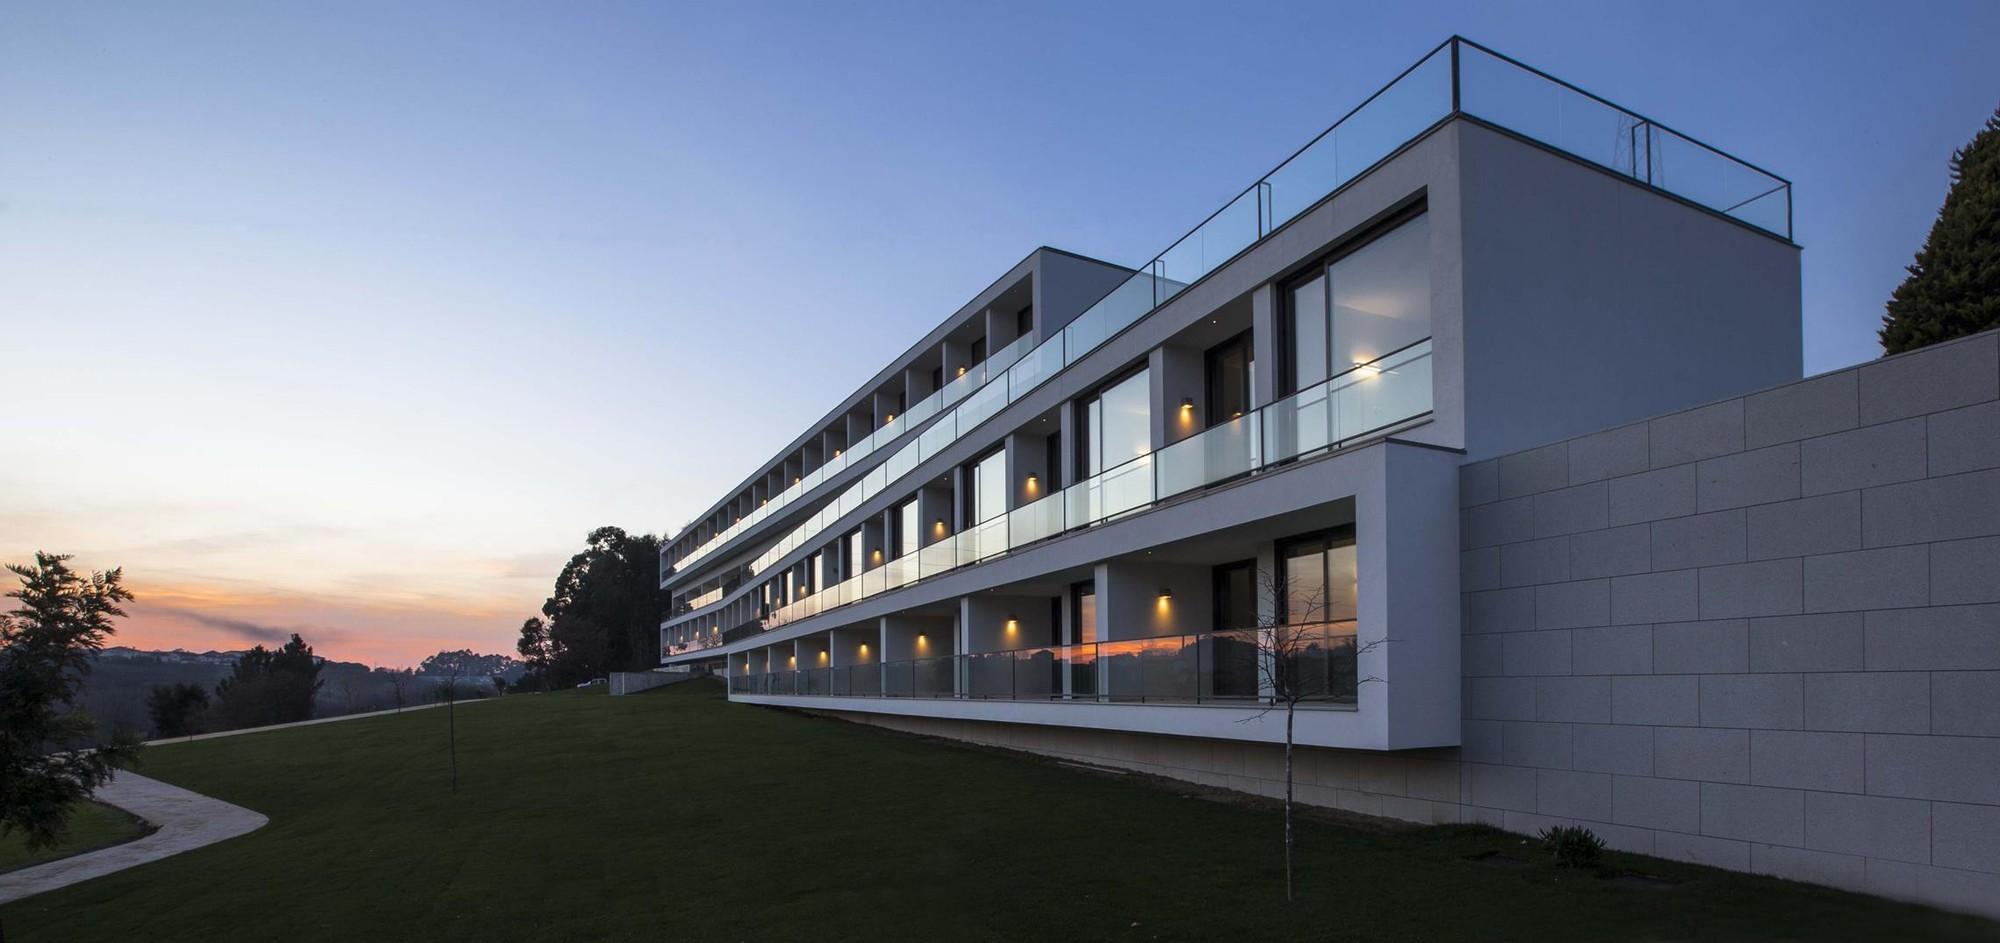 Hogar residencial torre s nior atelier d 39 arquitectura j - Atelier arquitectura ...